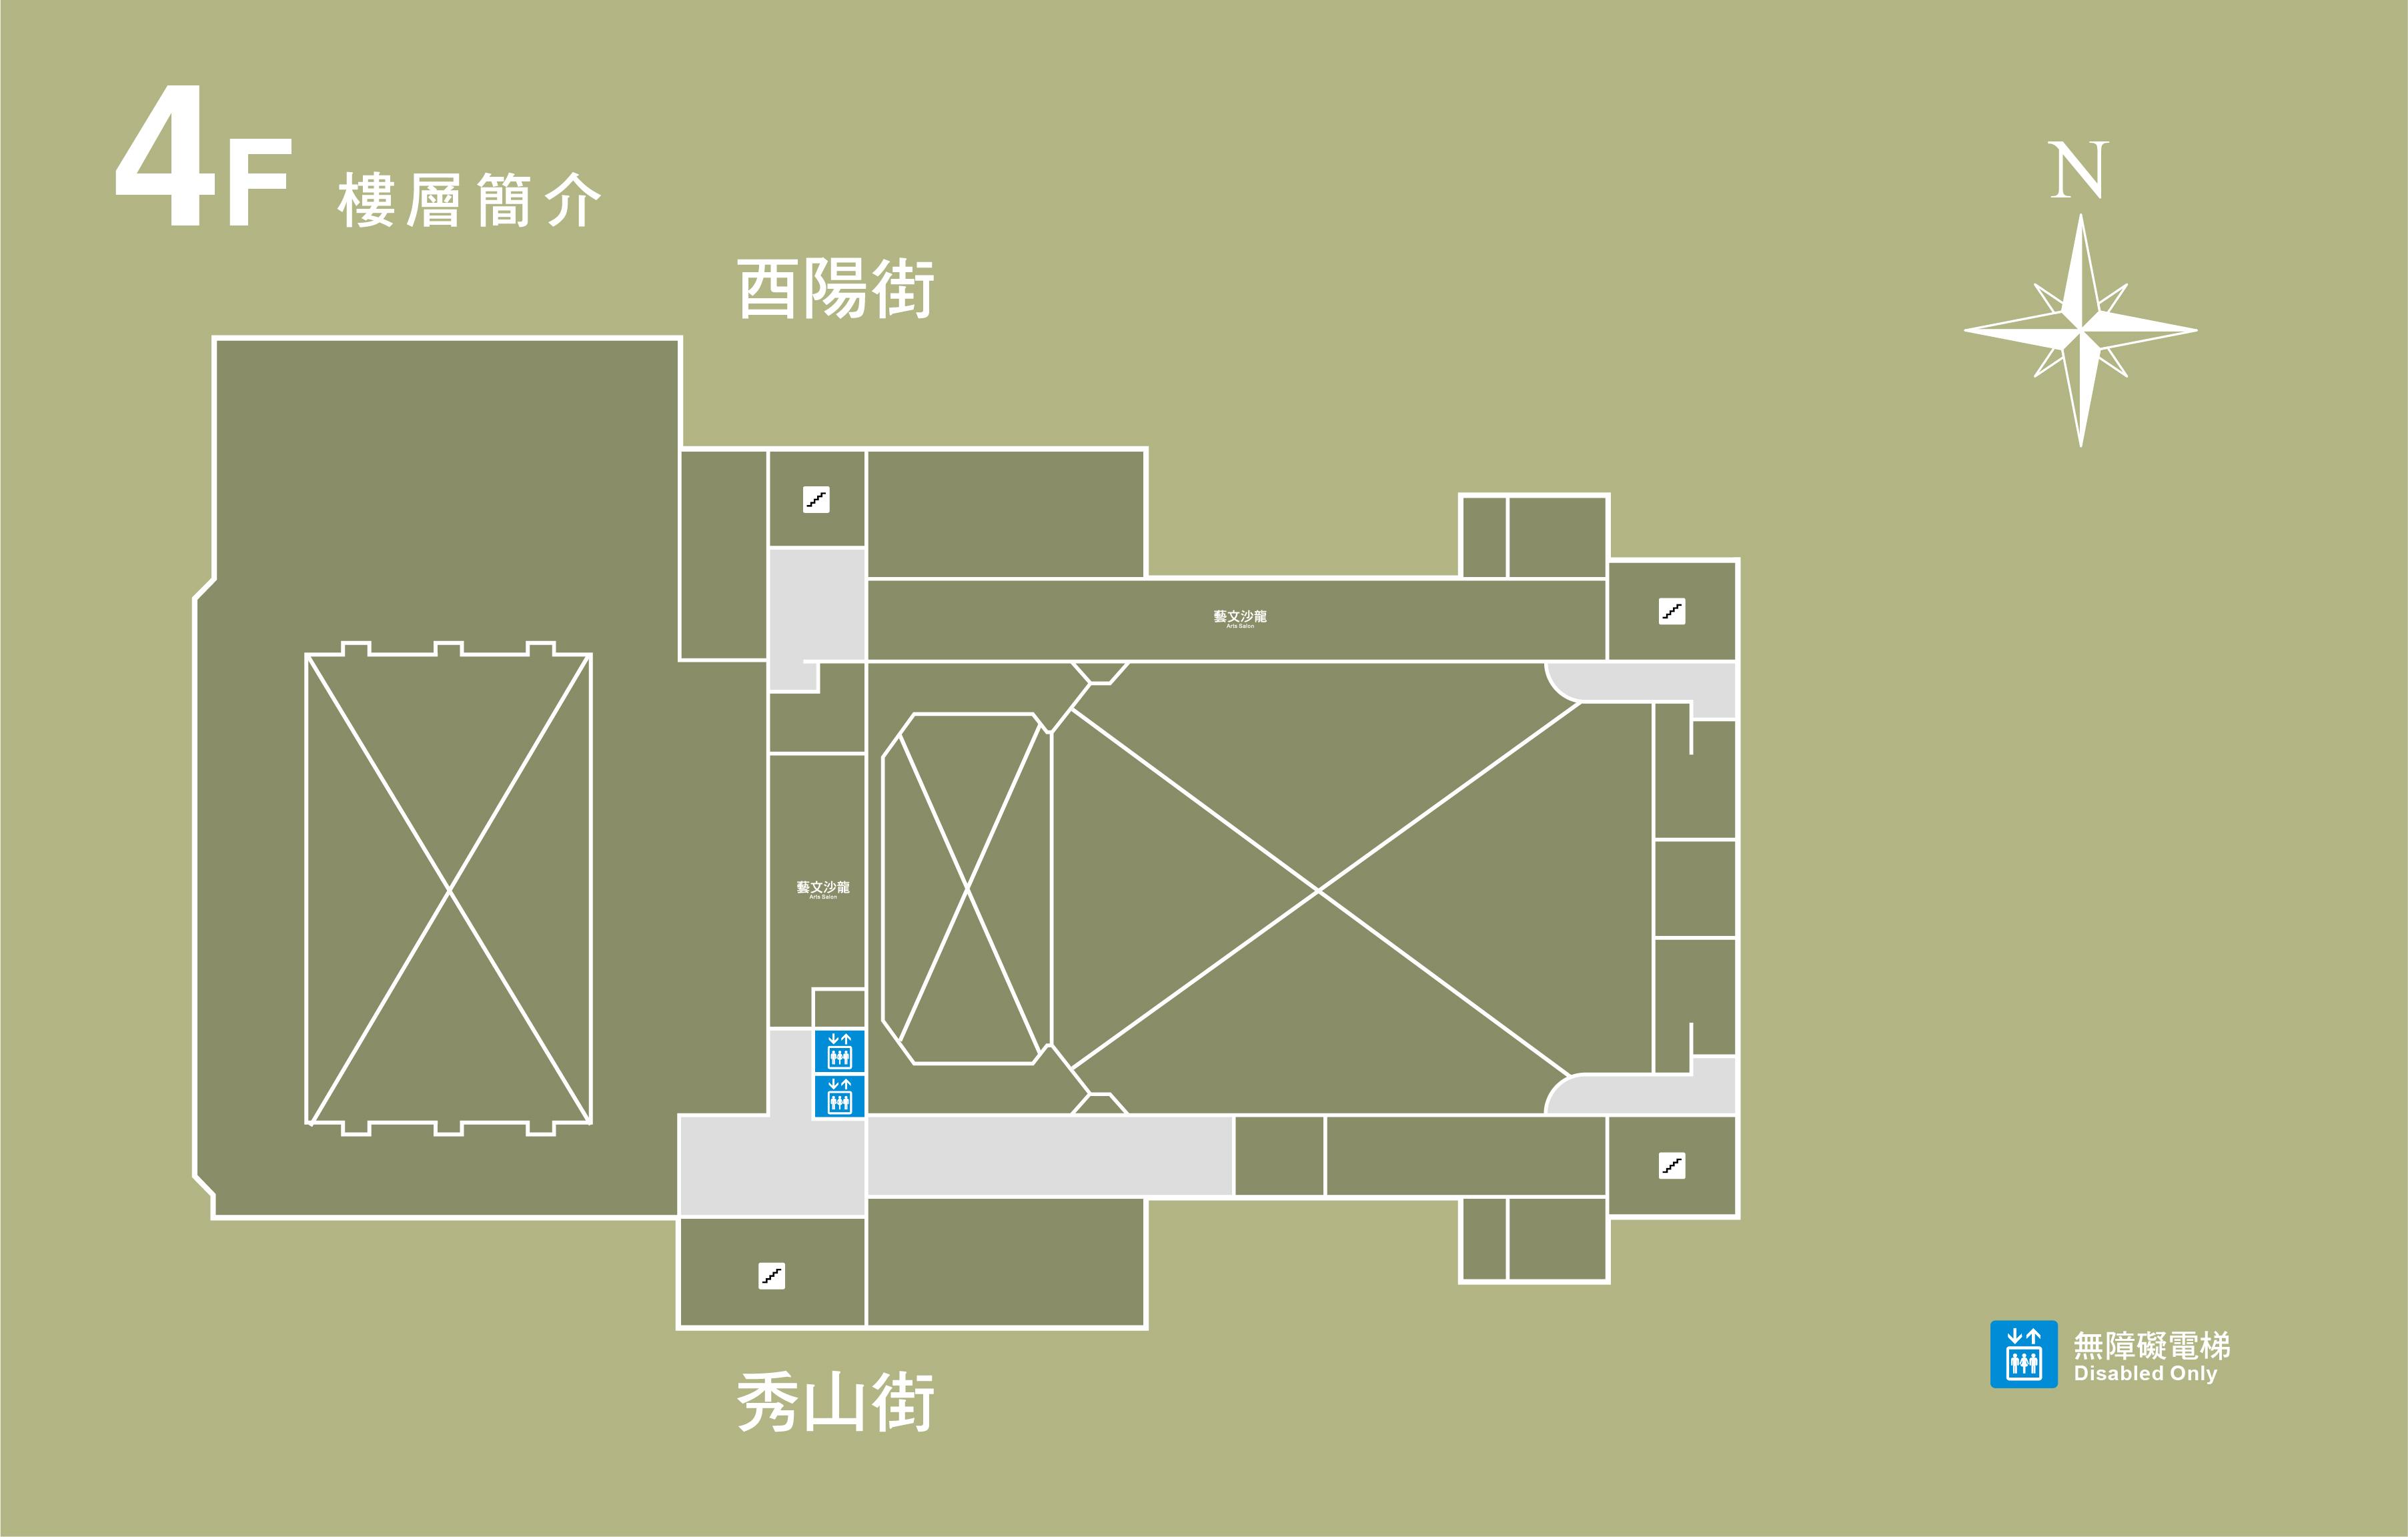 無障礙設施平面圖_4樓